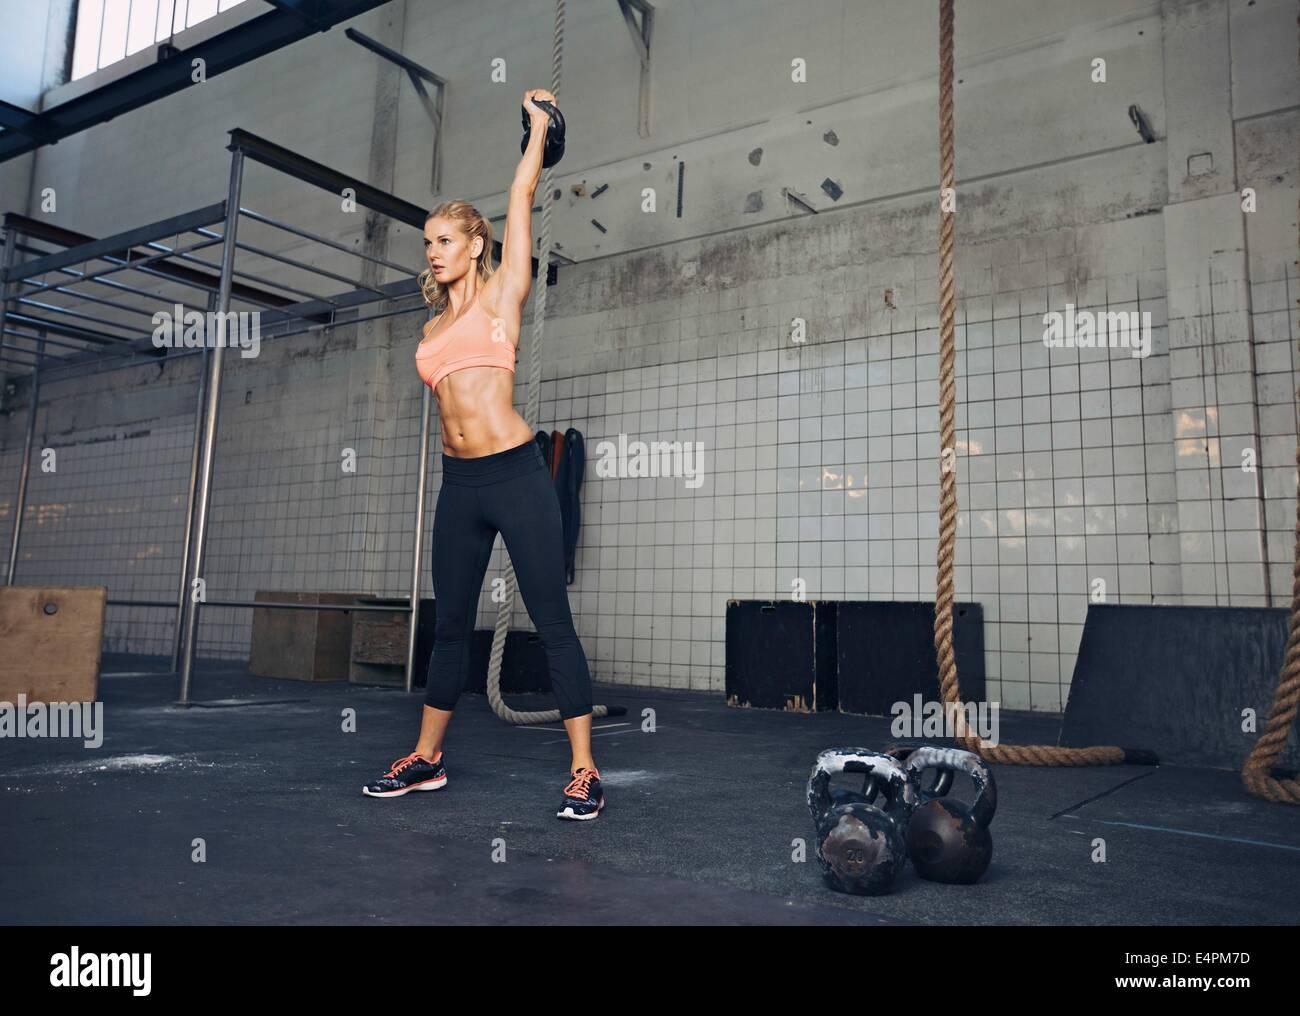 Giovane donna fitness sollevamento di un carico pesante bollitore bell in palestra. Caucasian atleta femminile lavora Immagini Stock